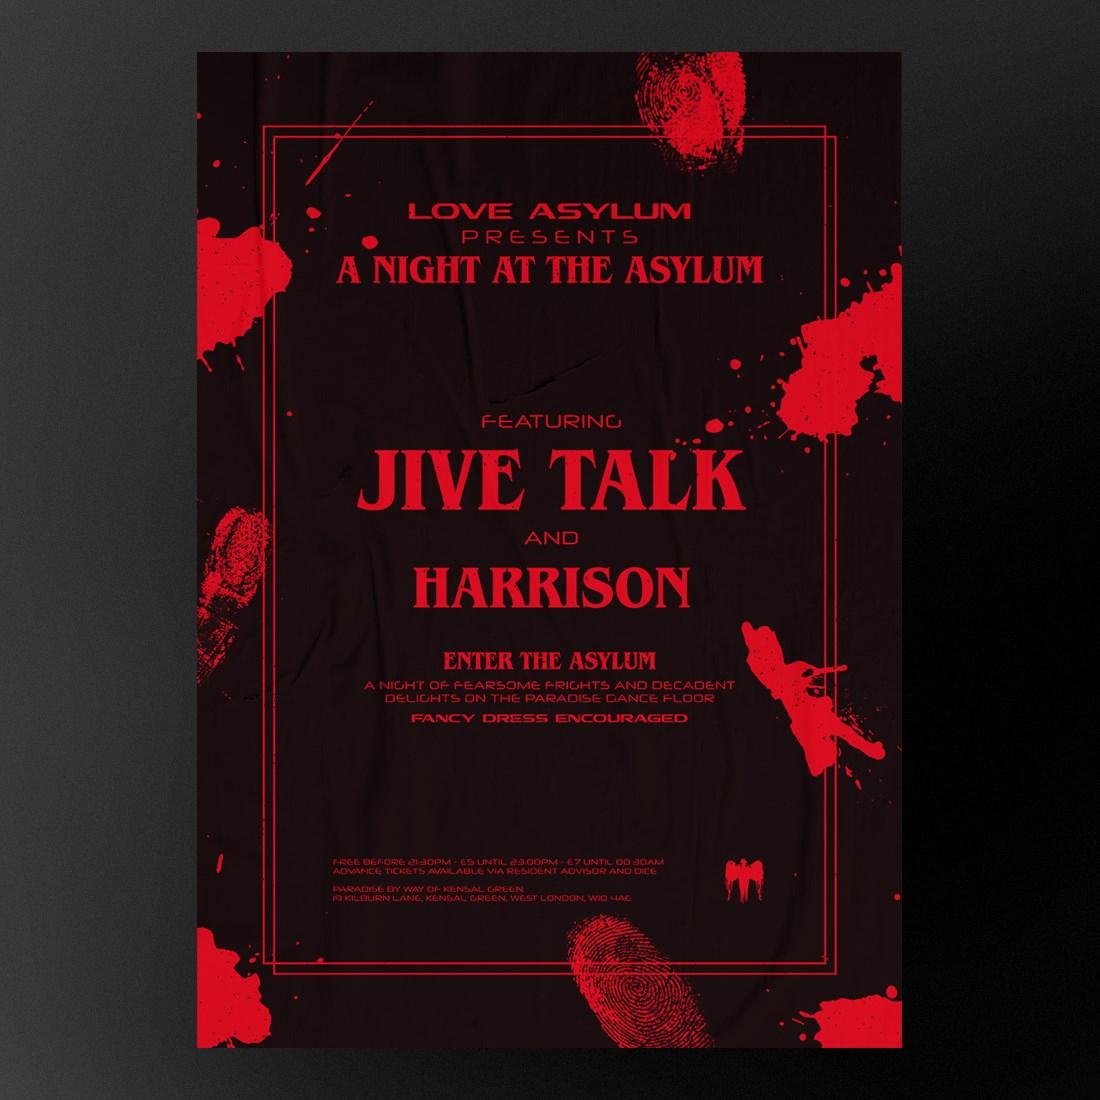 A Night at the Asylum (Feat. Jive Talk) - Flyer back